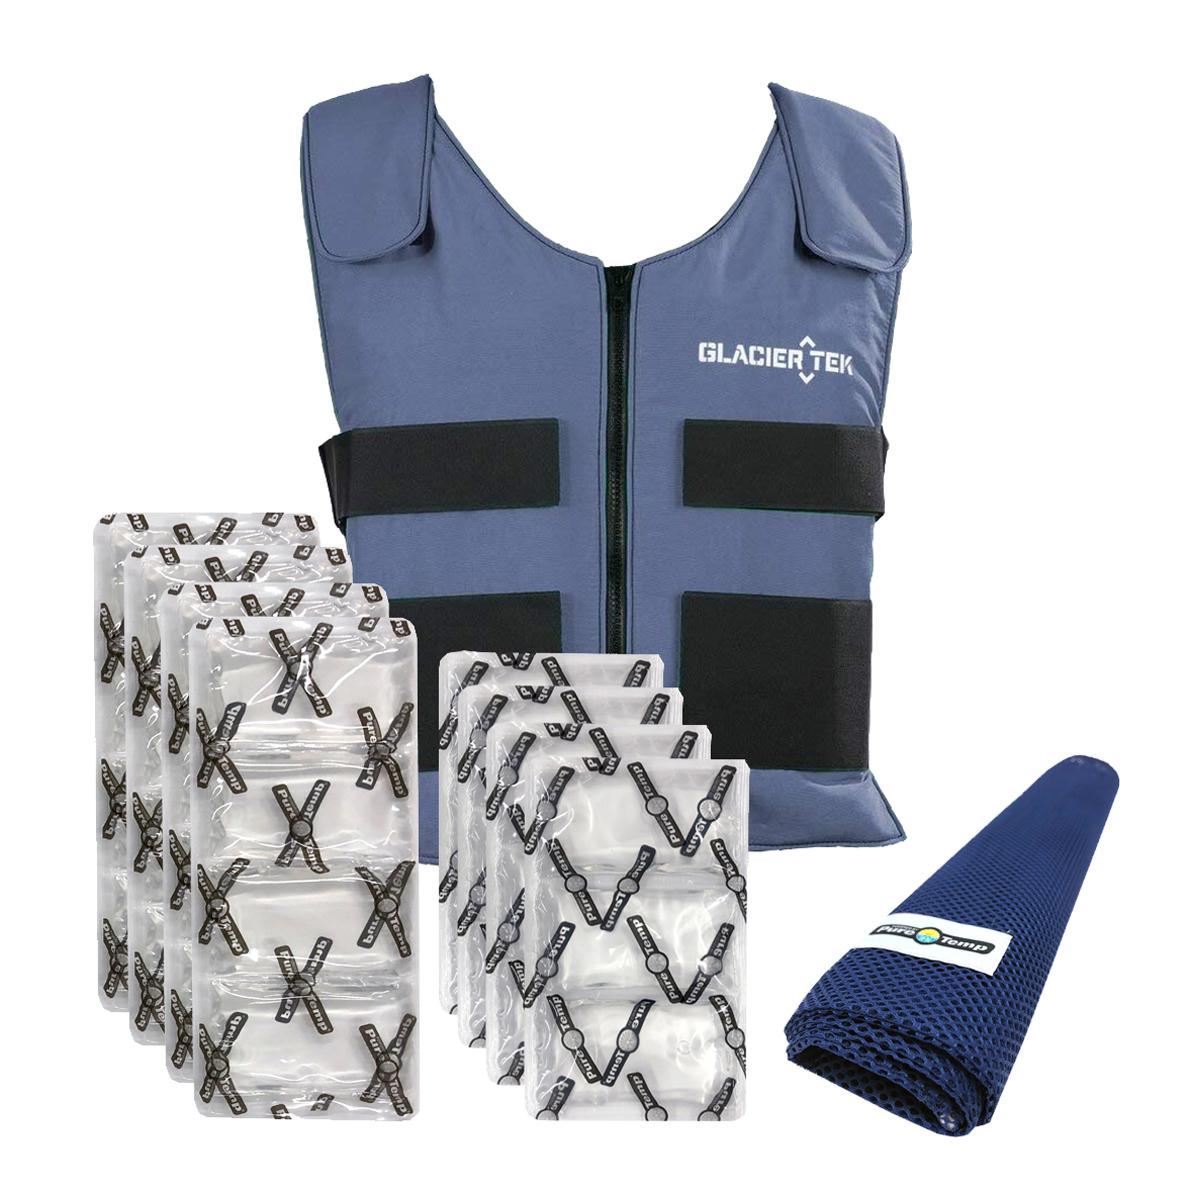 Glacier Tek Cooling Vest with Ice Pack Set image